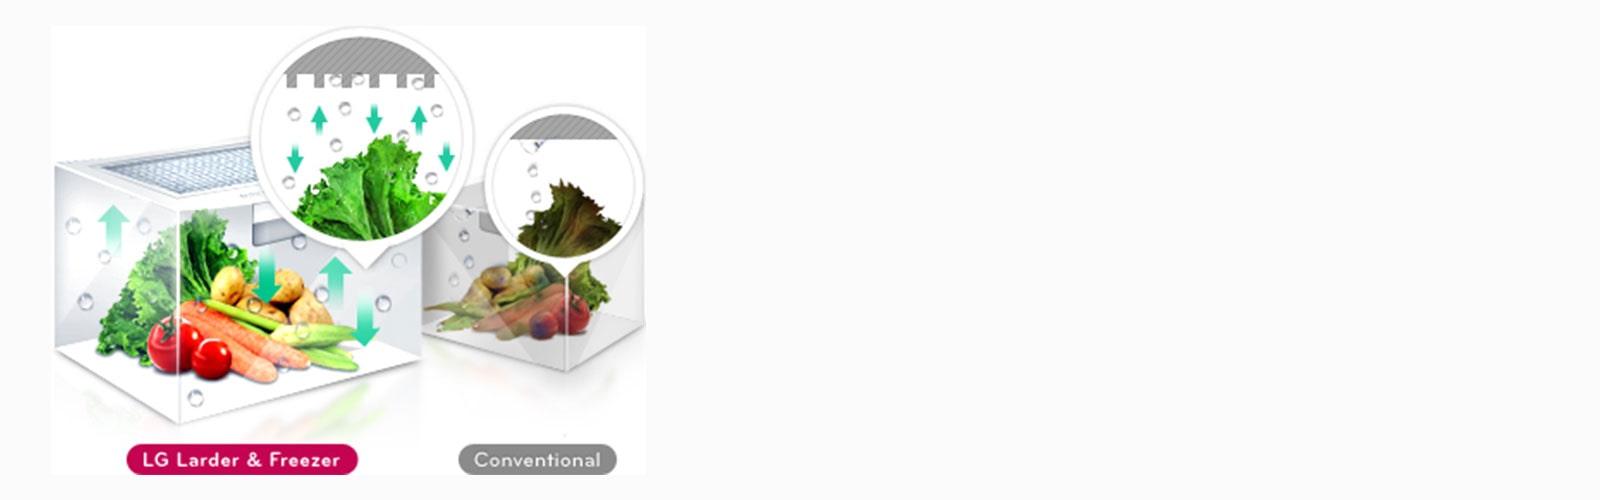 lg-refrigerator-lansen-feature_Moist_Balance_Crisper_D